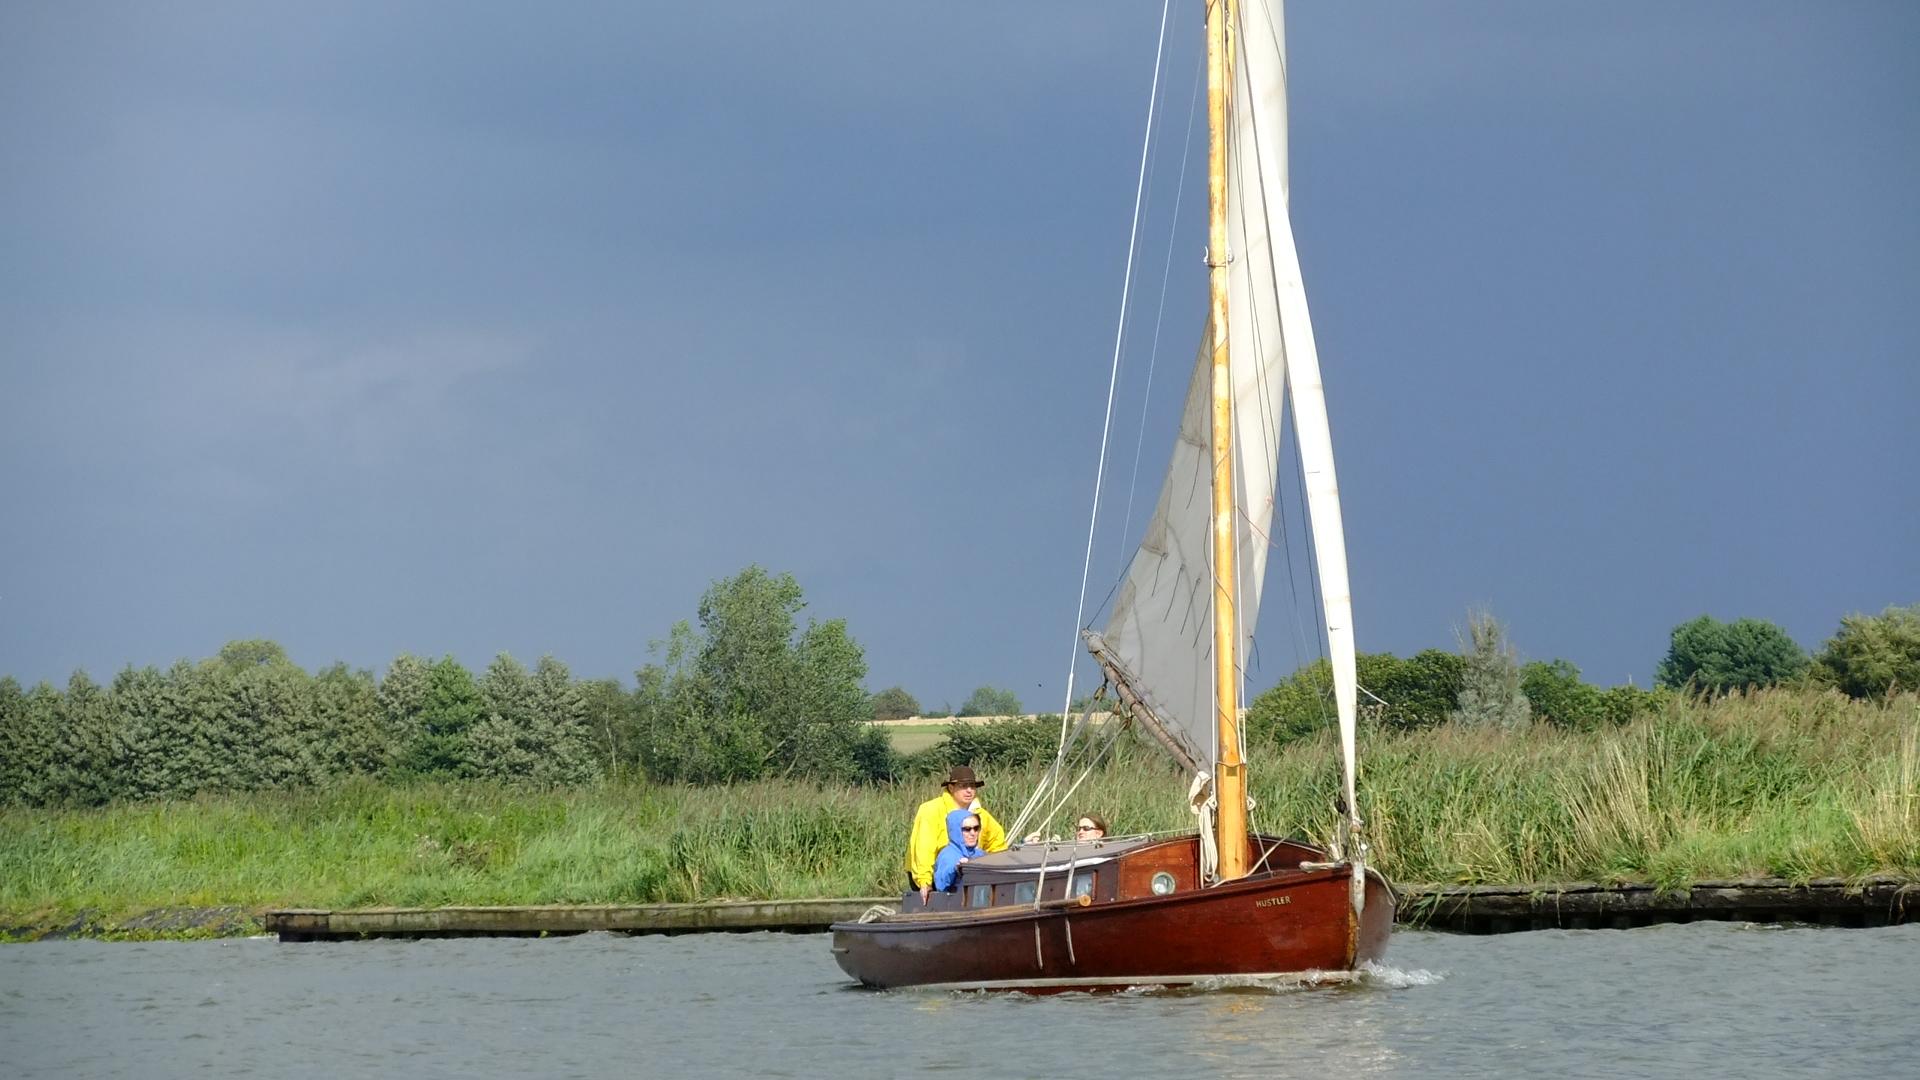 Norfolk Broads, superb boating & sailing